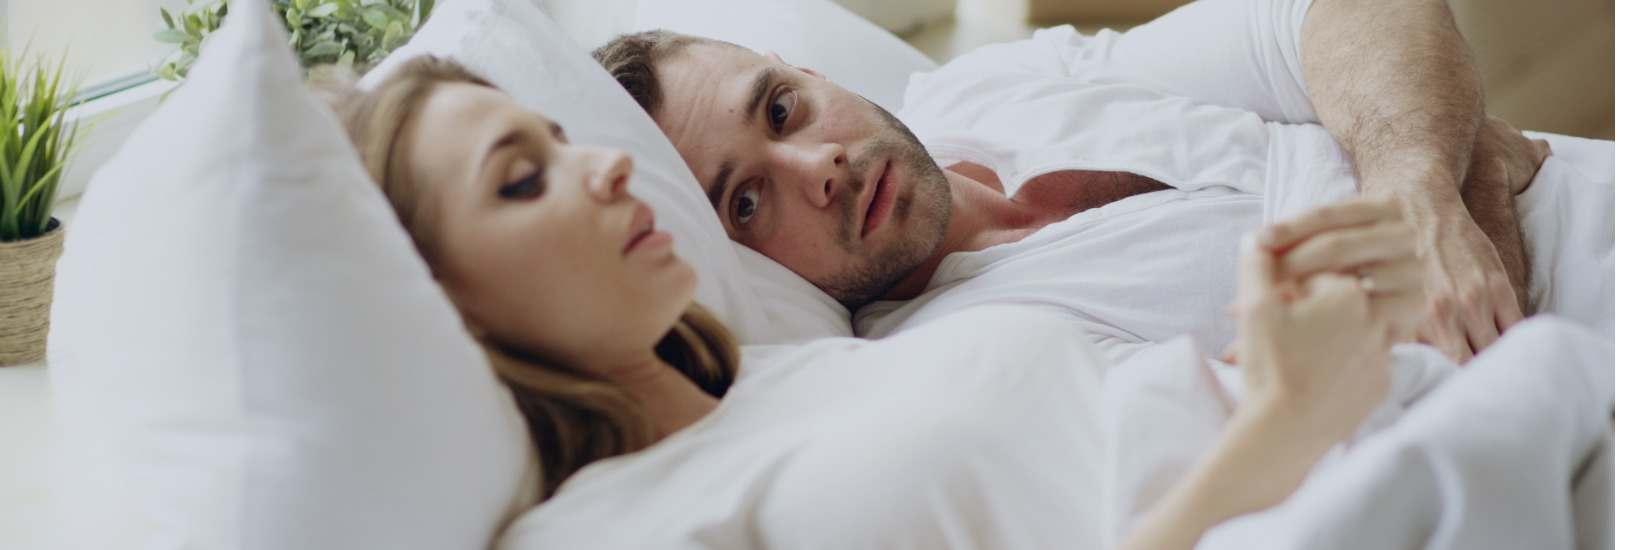 Der Besuch im Bordell kann eine Beziehung negativ beeinflussen. Und der Frust äußert sich dann in weiteren Fehltritten. Was hilft? Kommunikation!